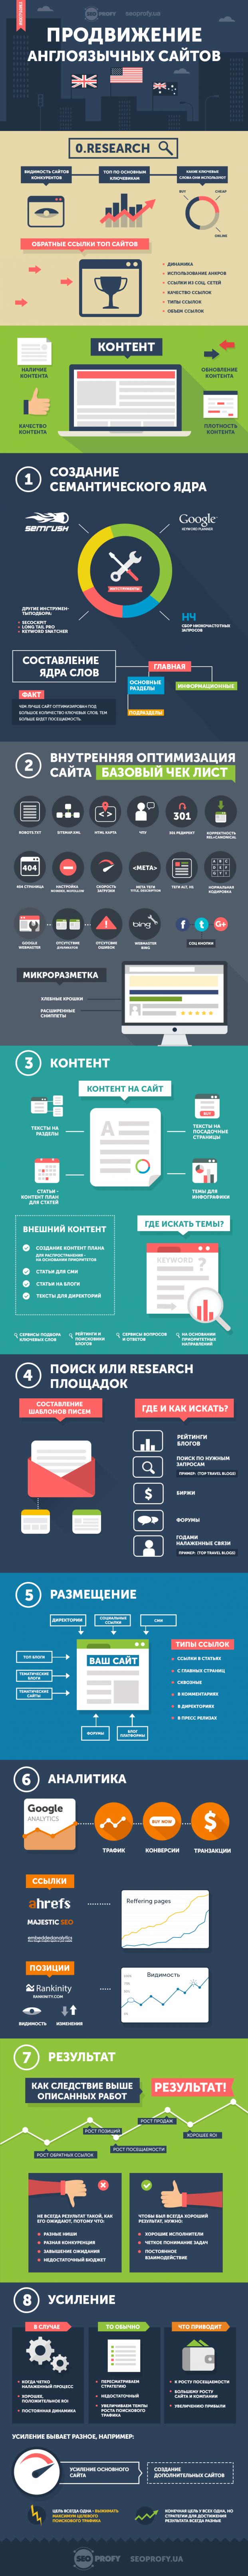 Инфографика: Продвижение англоязычных сайтов — пошаговое руководство